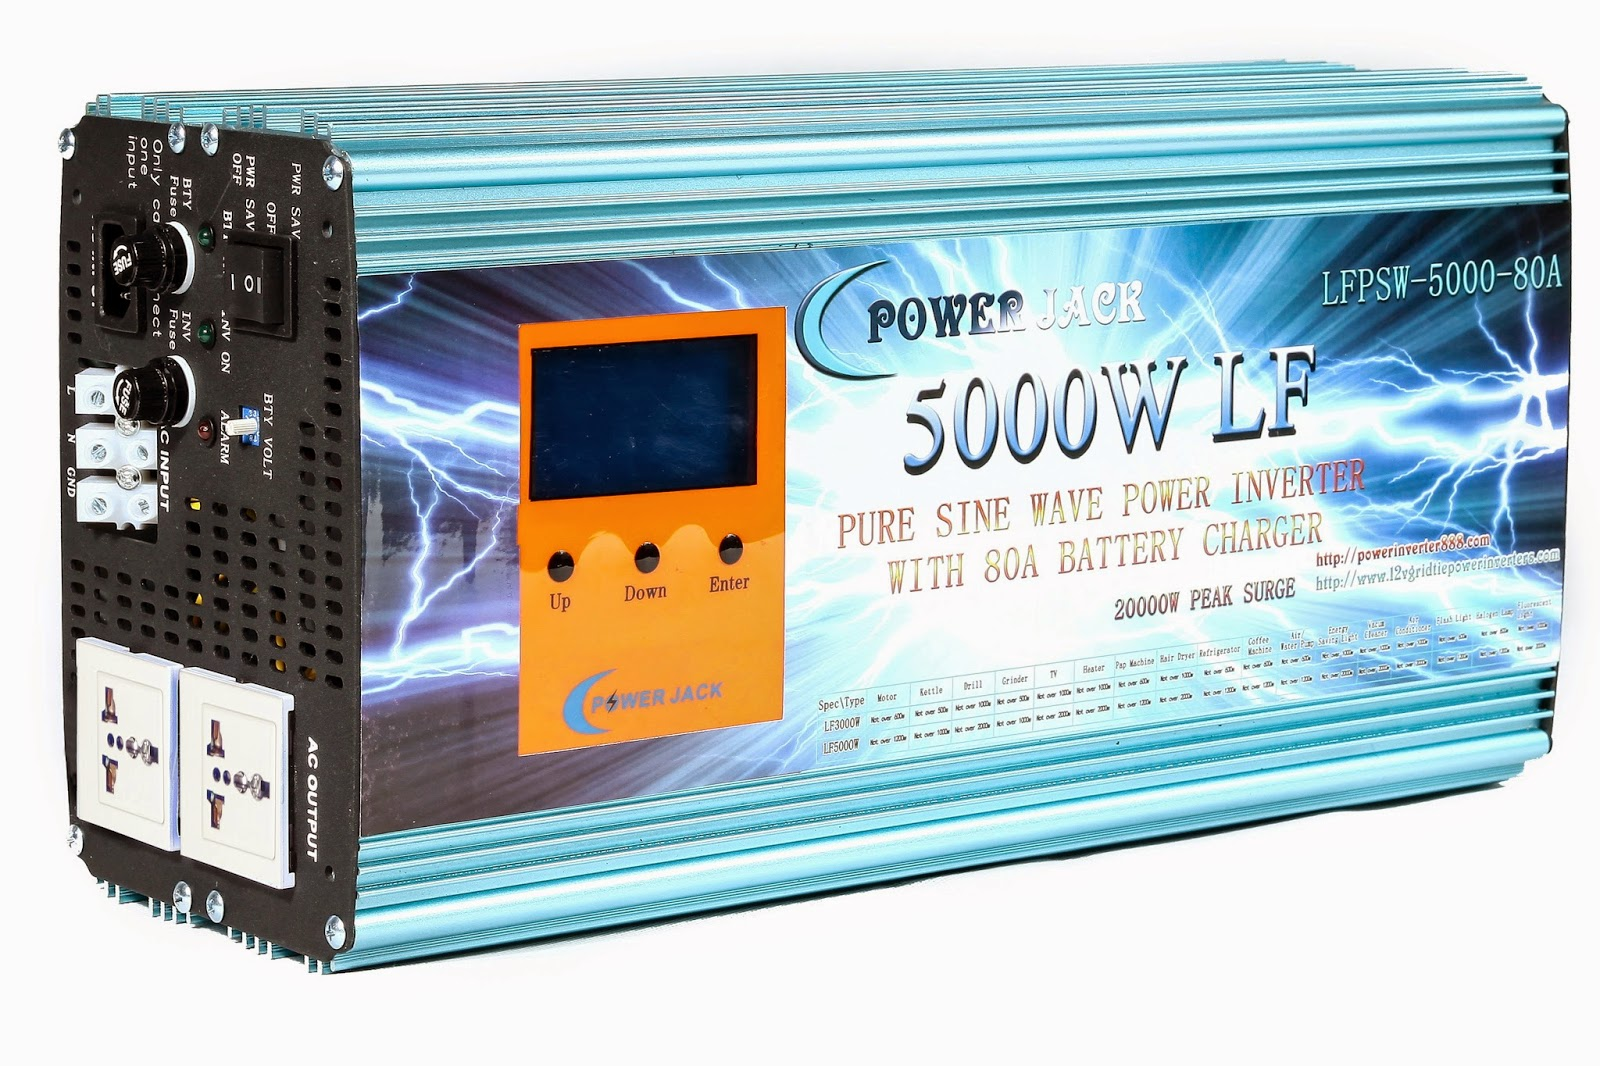 Power Jack 300watt Inverter Dc 24v To Ac 220v Circuit Diagram 12vgridtiepowerinverterscom